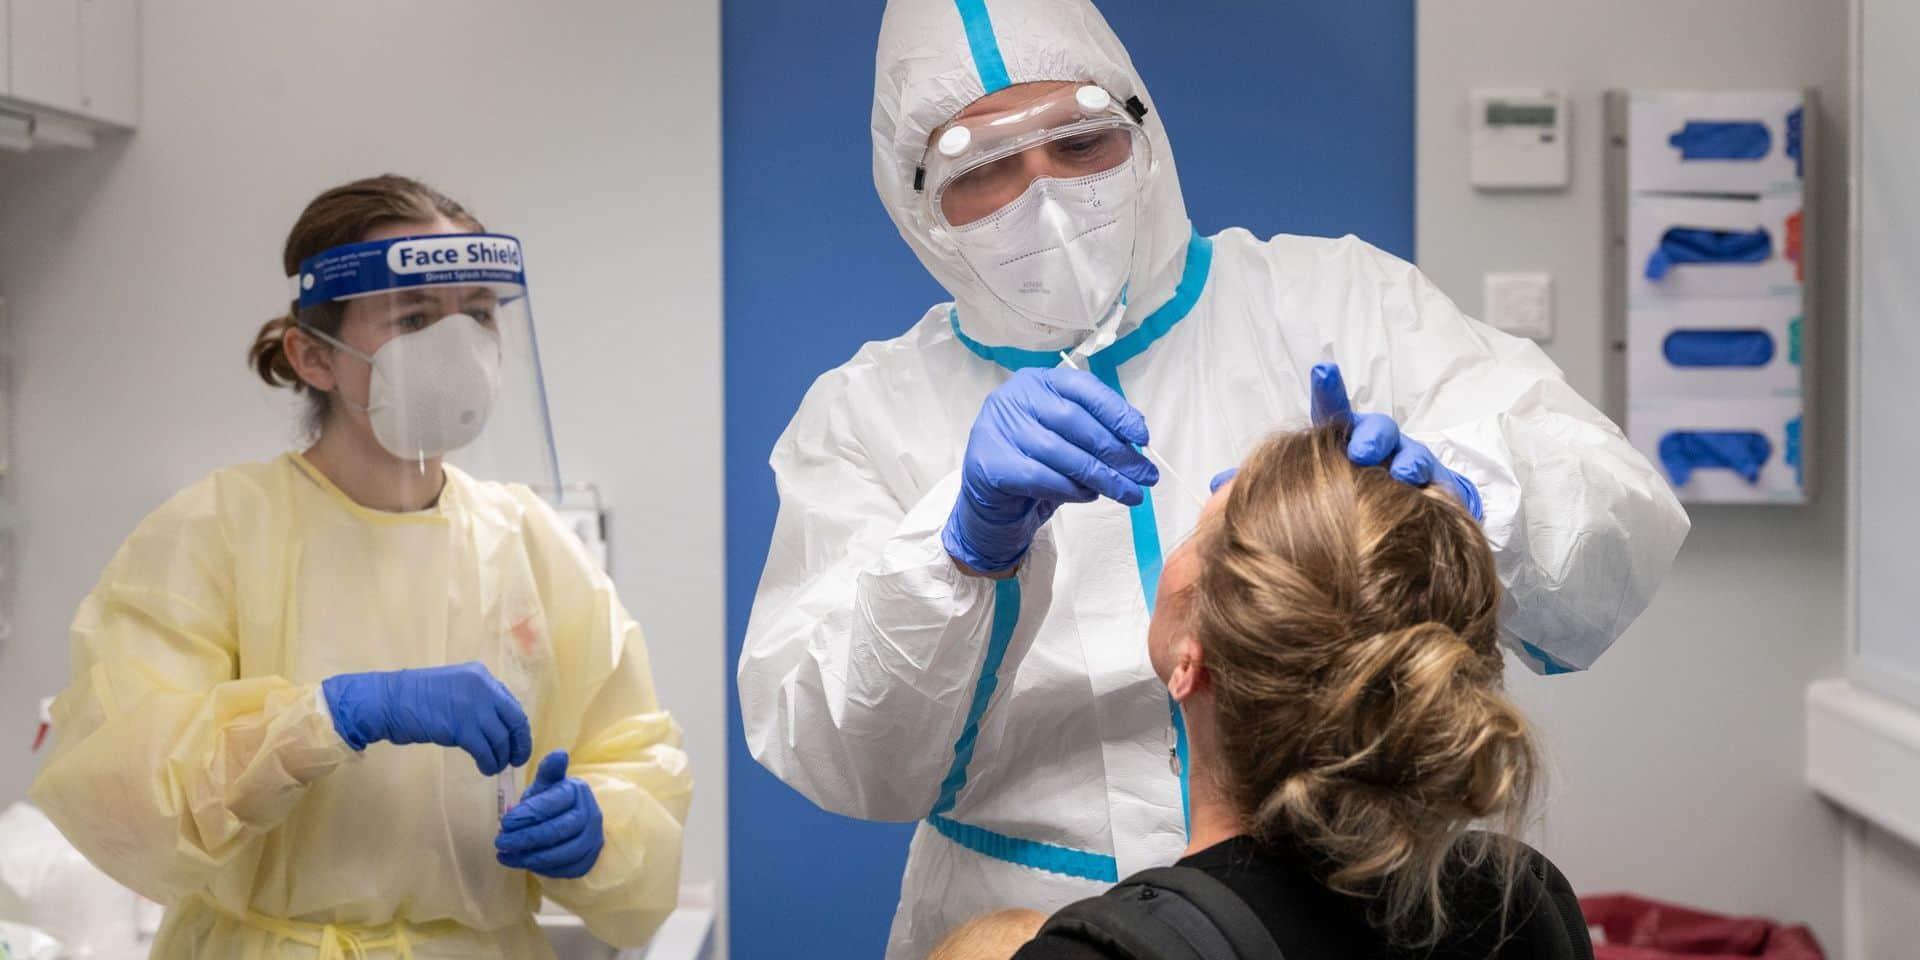 Les voyageurs revenant d'une zone rouge peuvent désormais se faire tester sans passer par un médecin